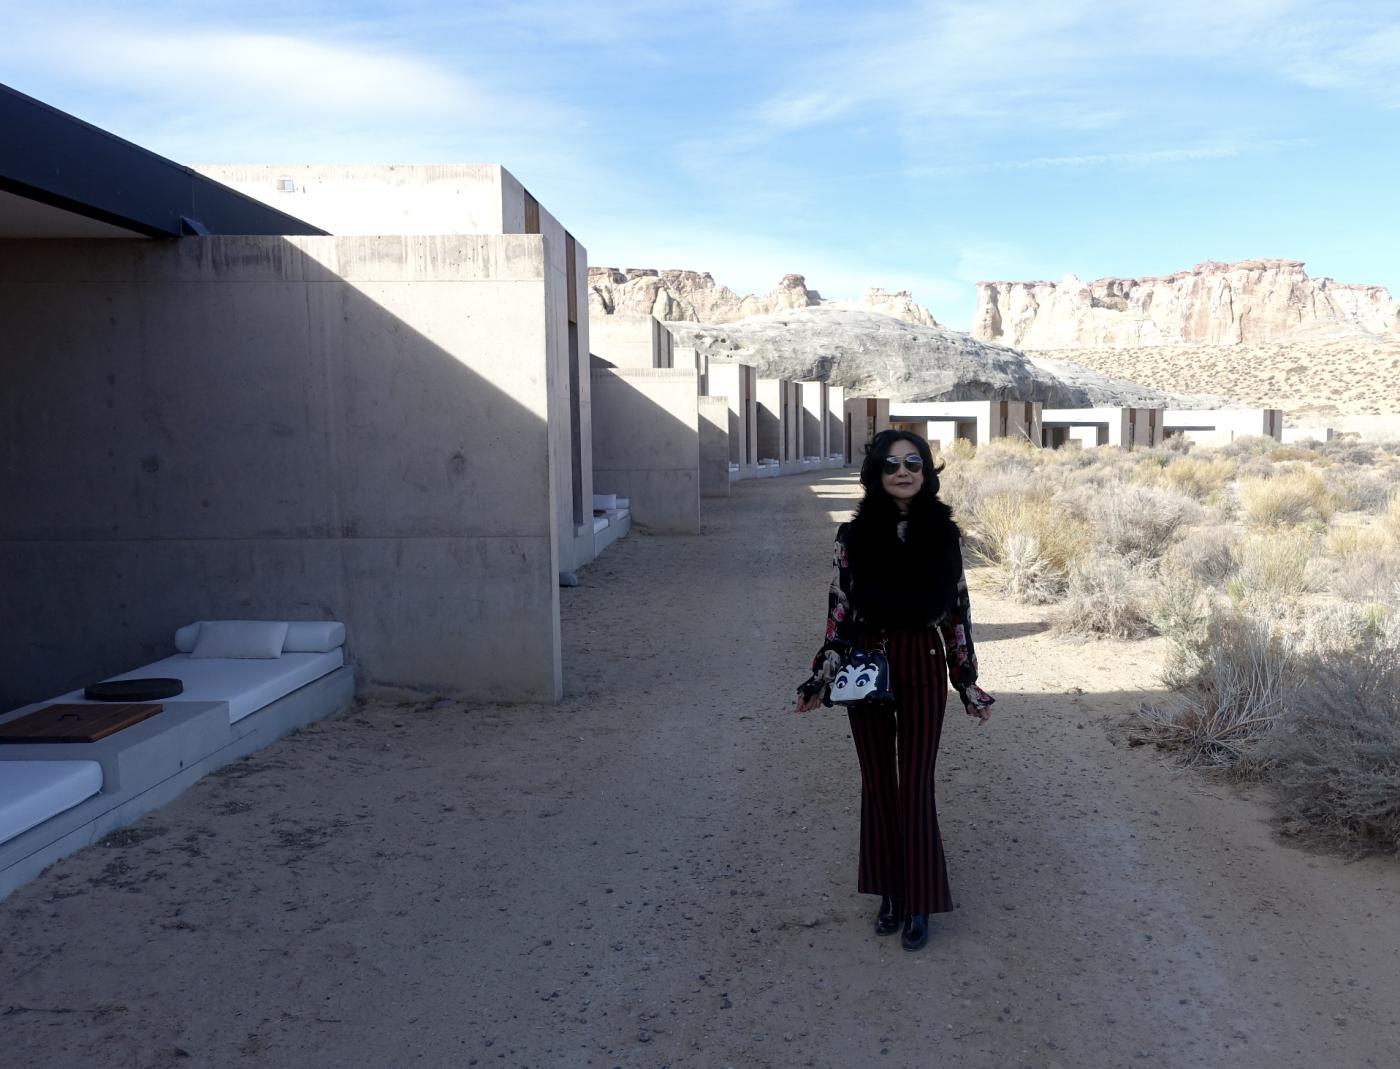 在渺无人烟的大沙漠中如何自得其乐_图1-18